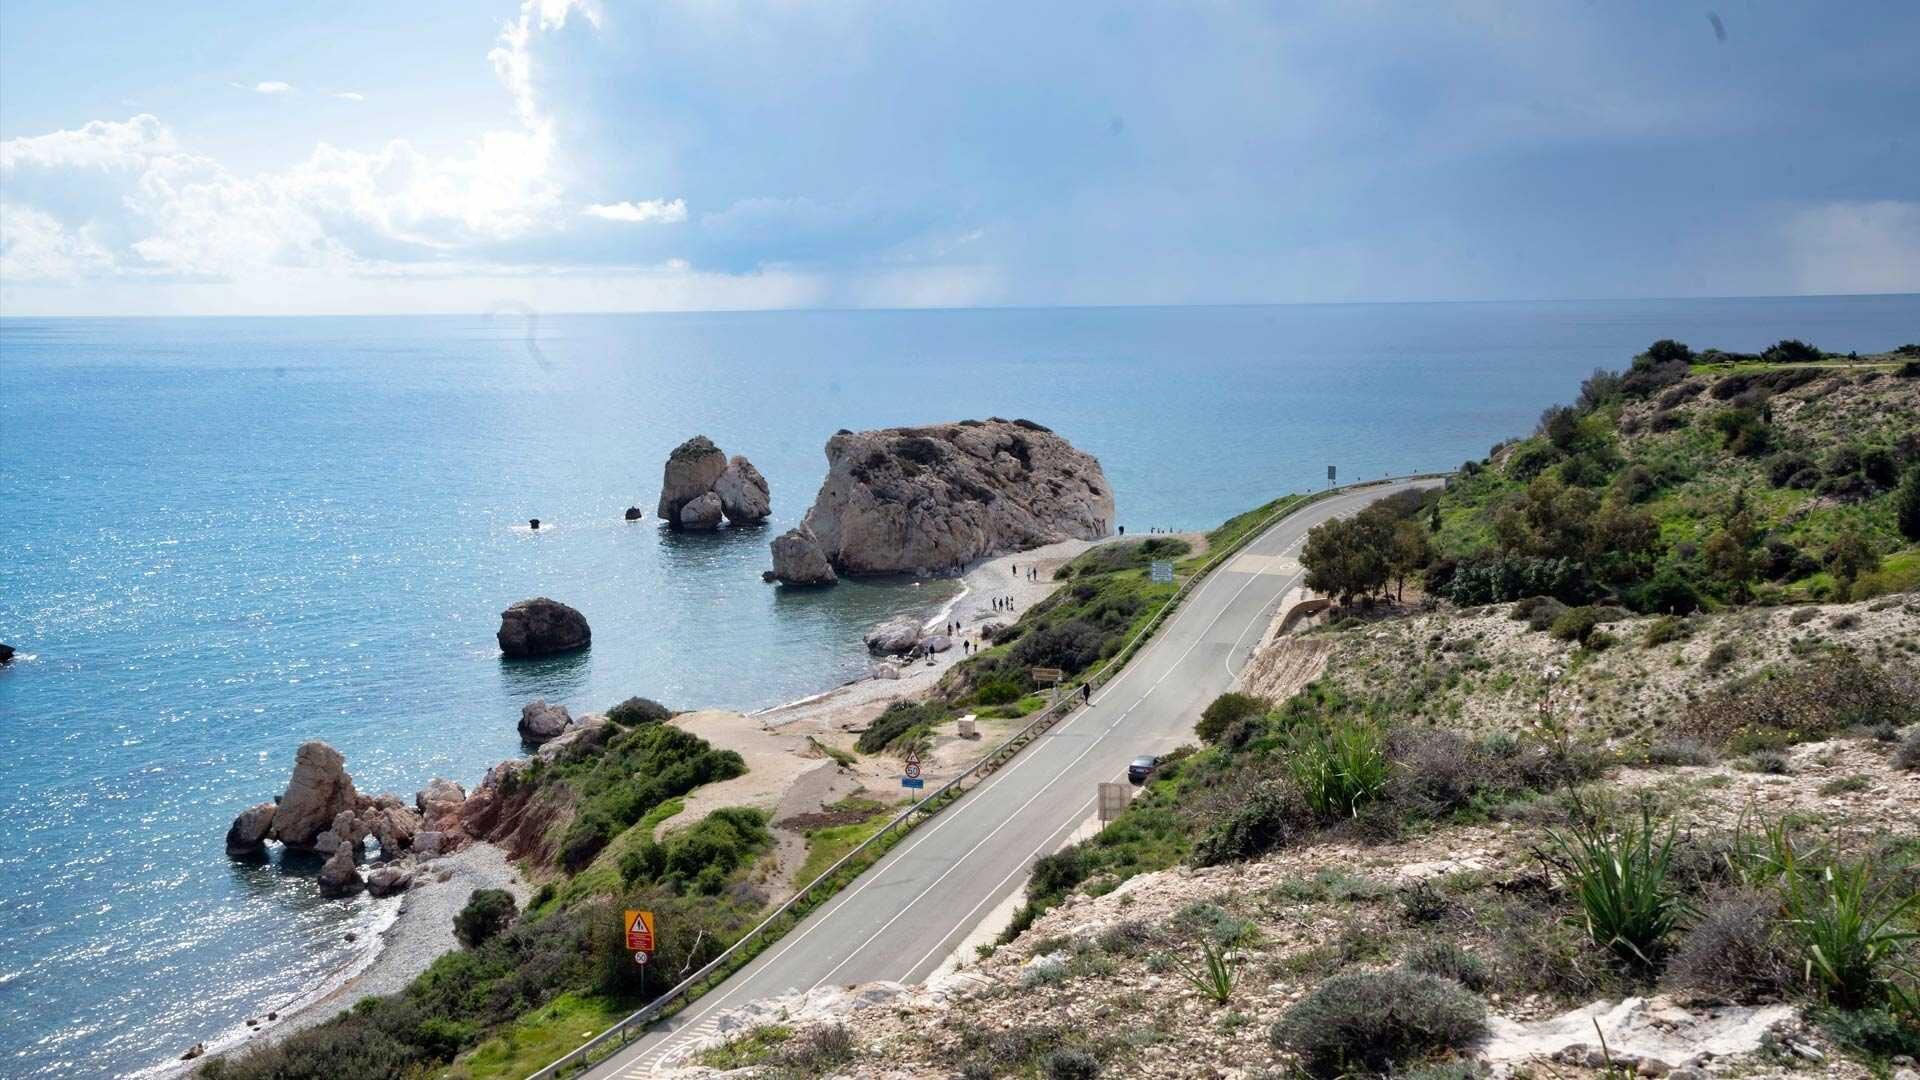 Czy Cypr jest w Strefie Schengen? Schengen 2021